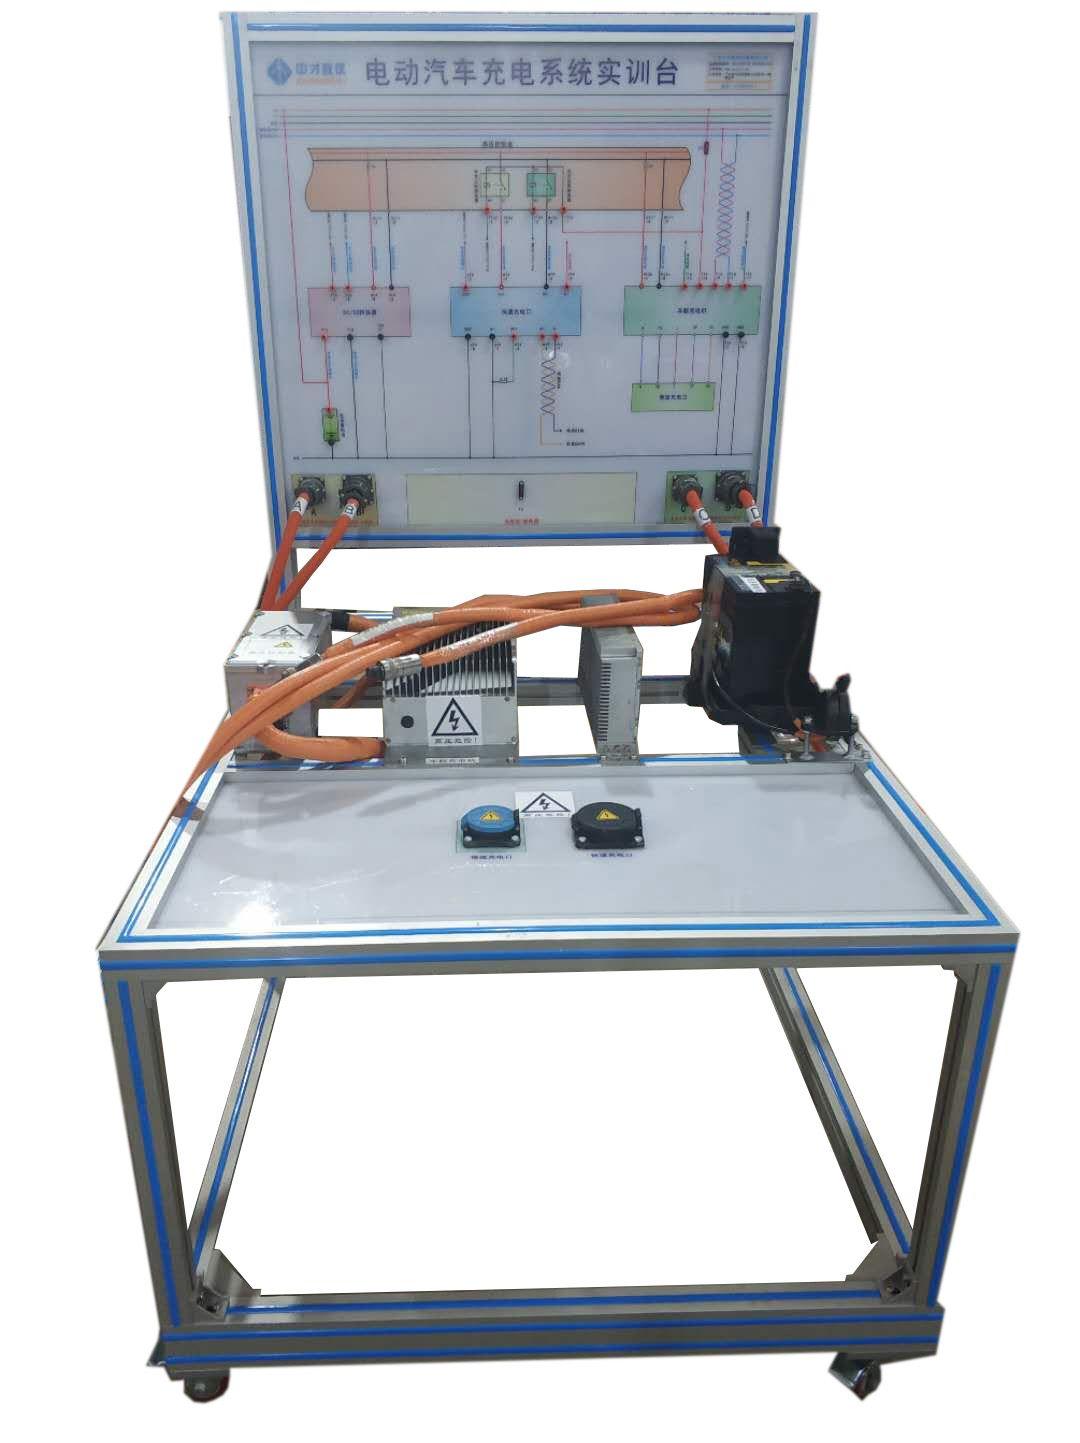 汽車電氣實訓設備安全學習規范有哪些內容